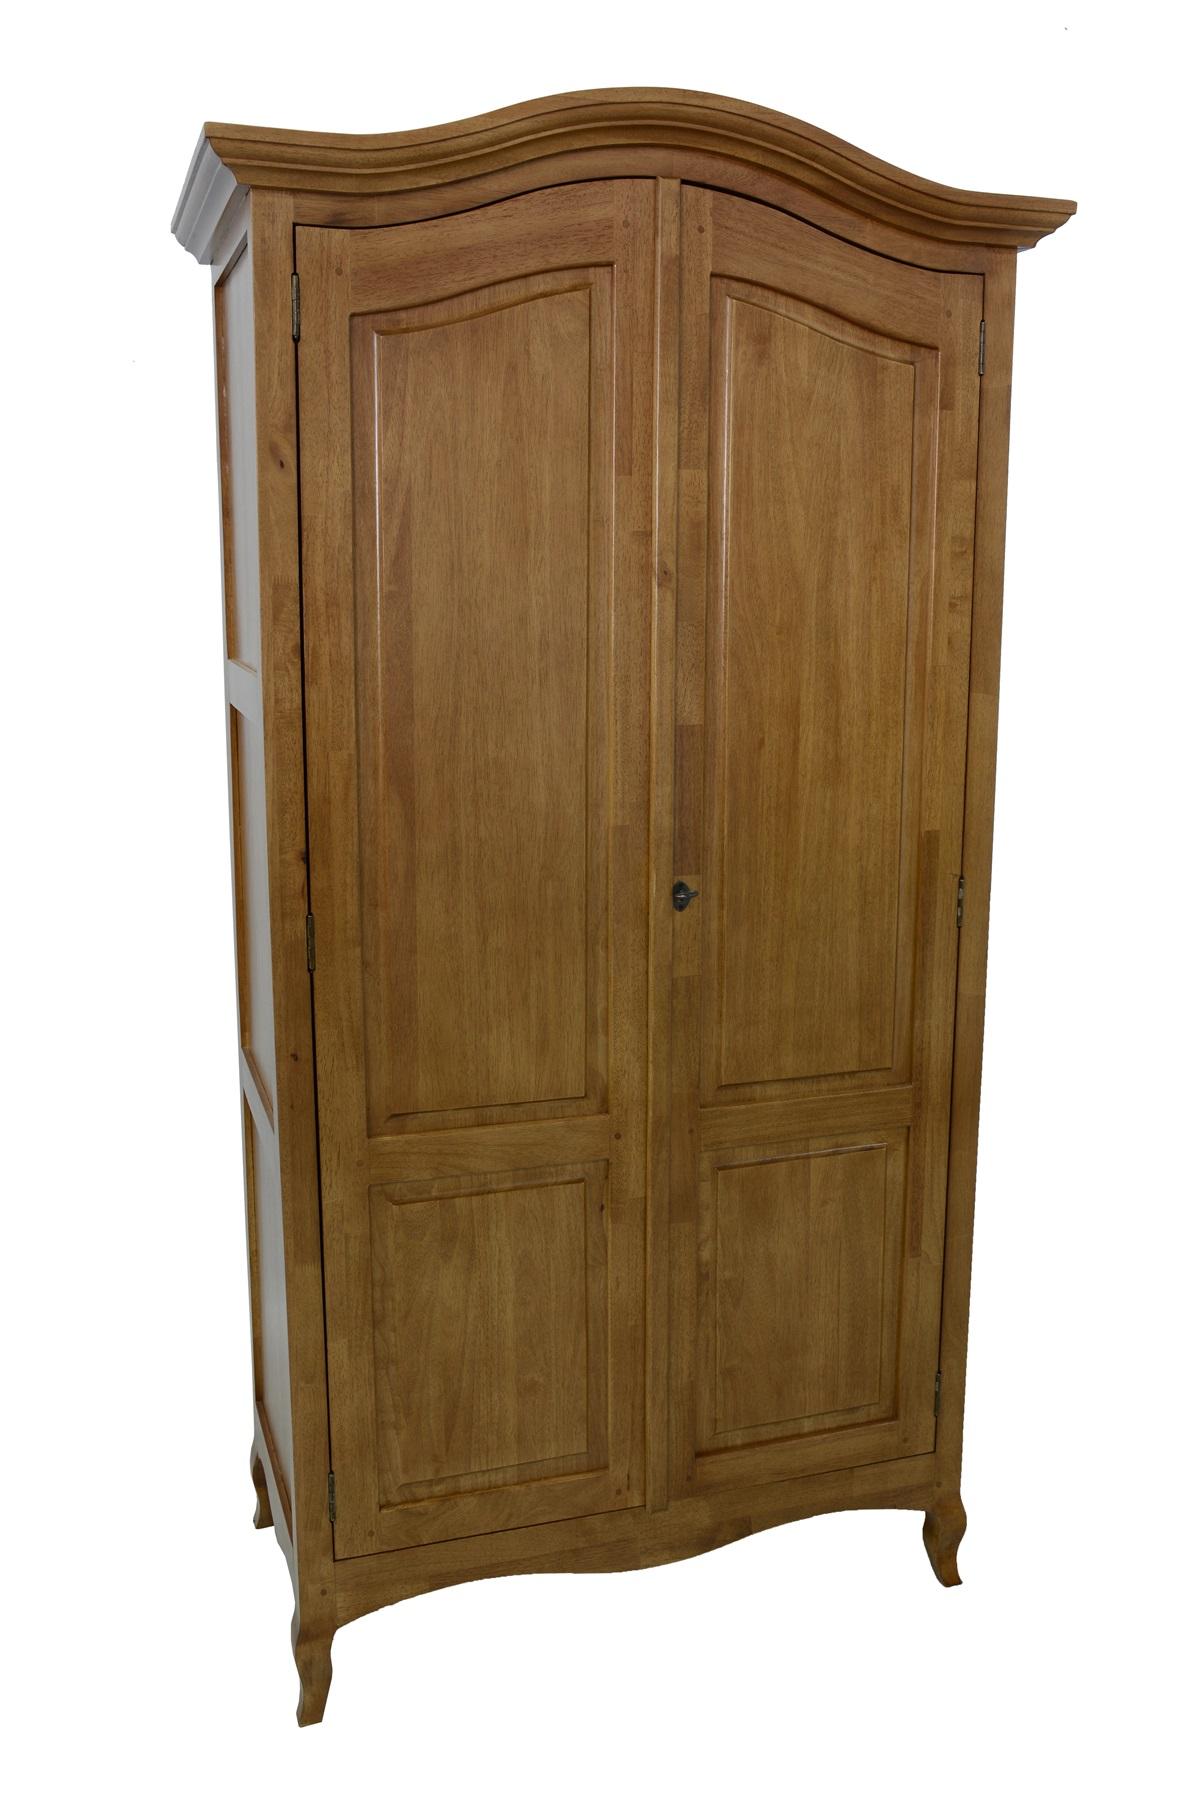 Les Armoires En Bois à armoire bois régence #5799